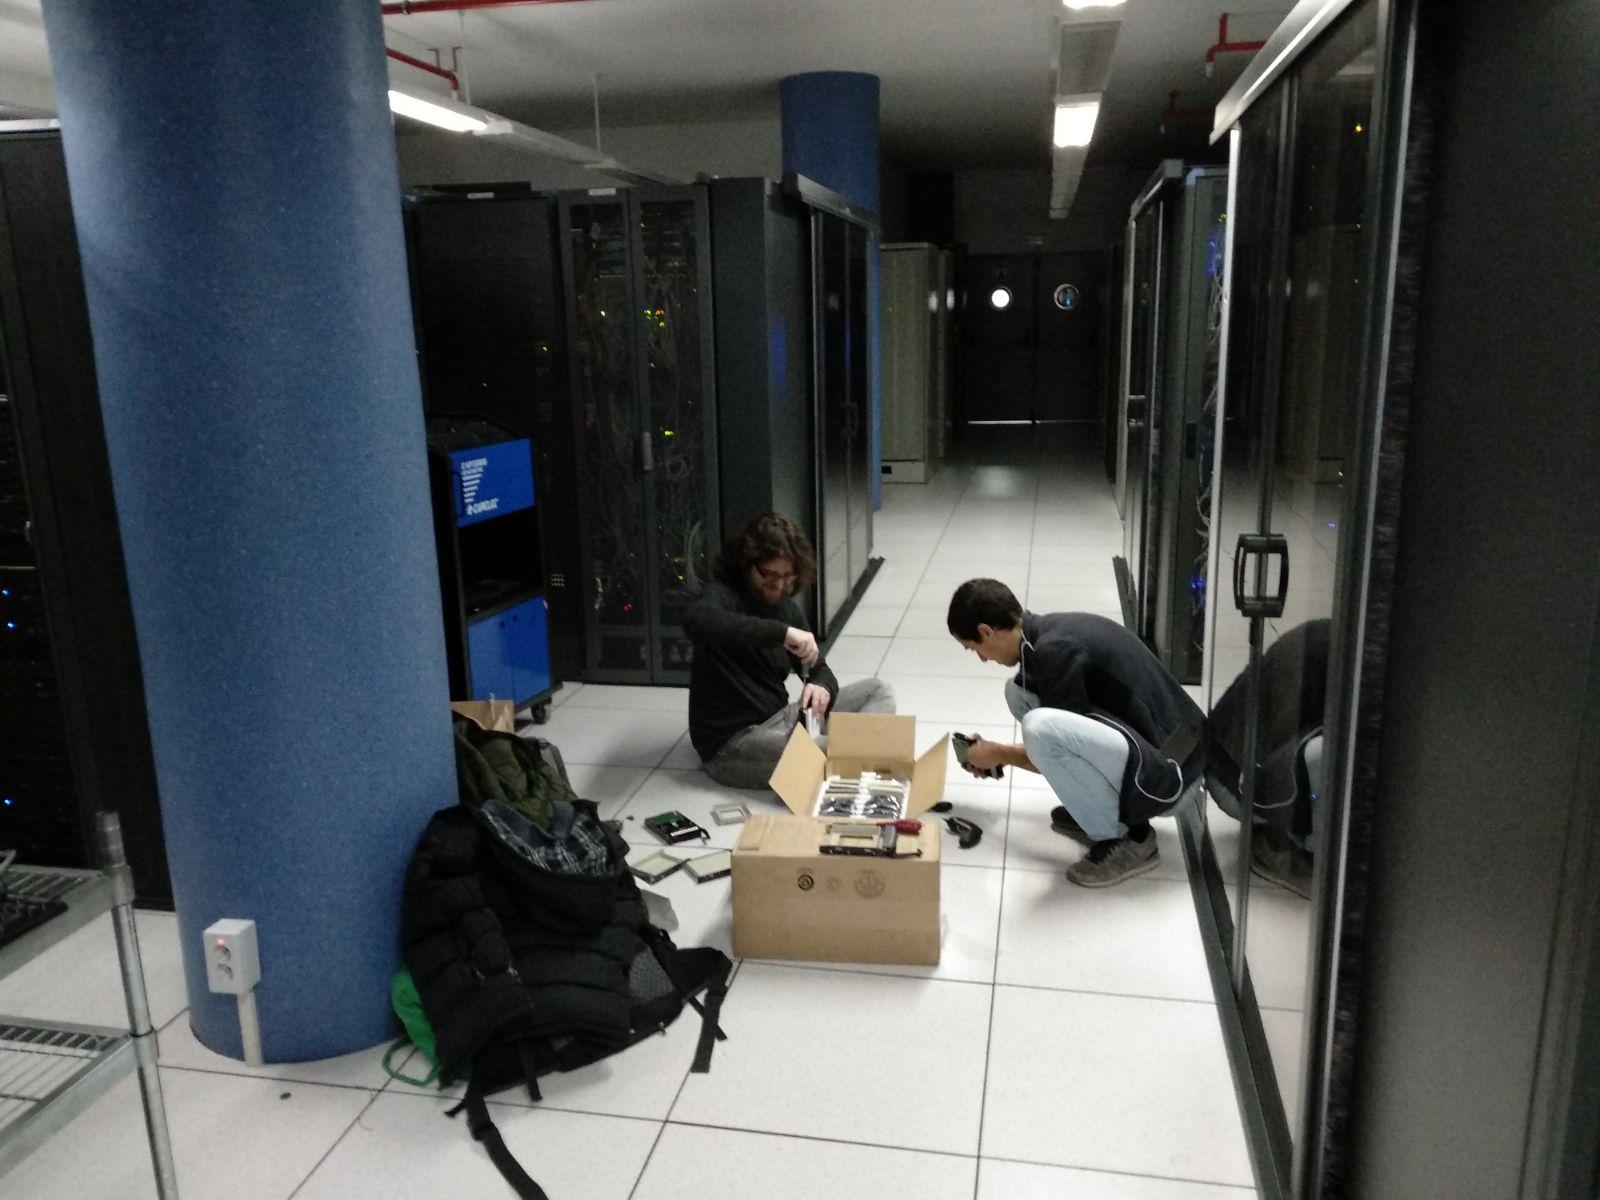 Vortex computer cluster